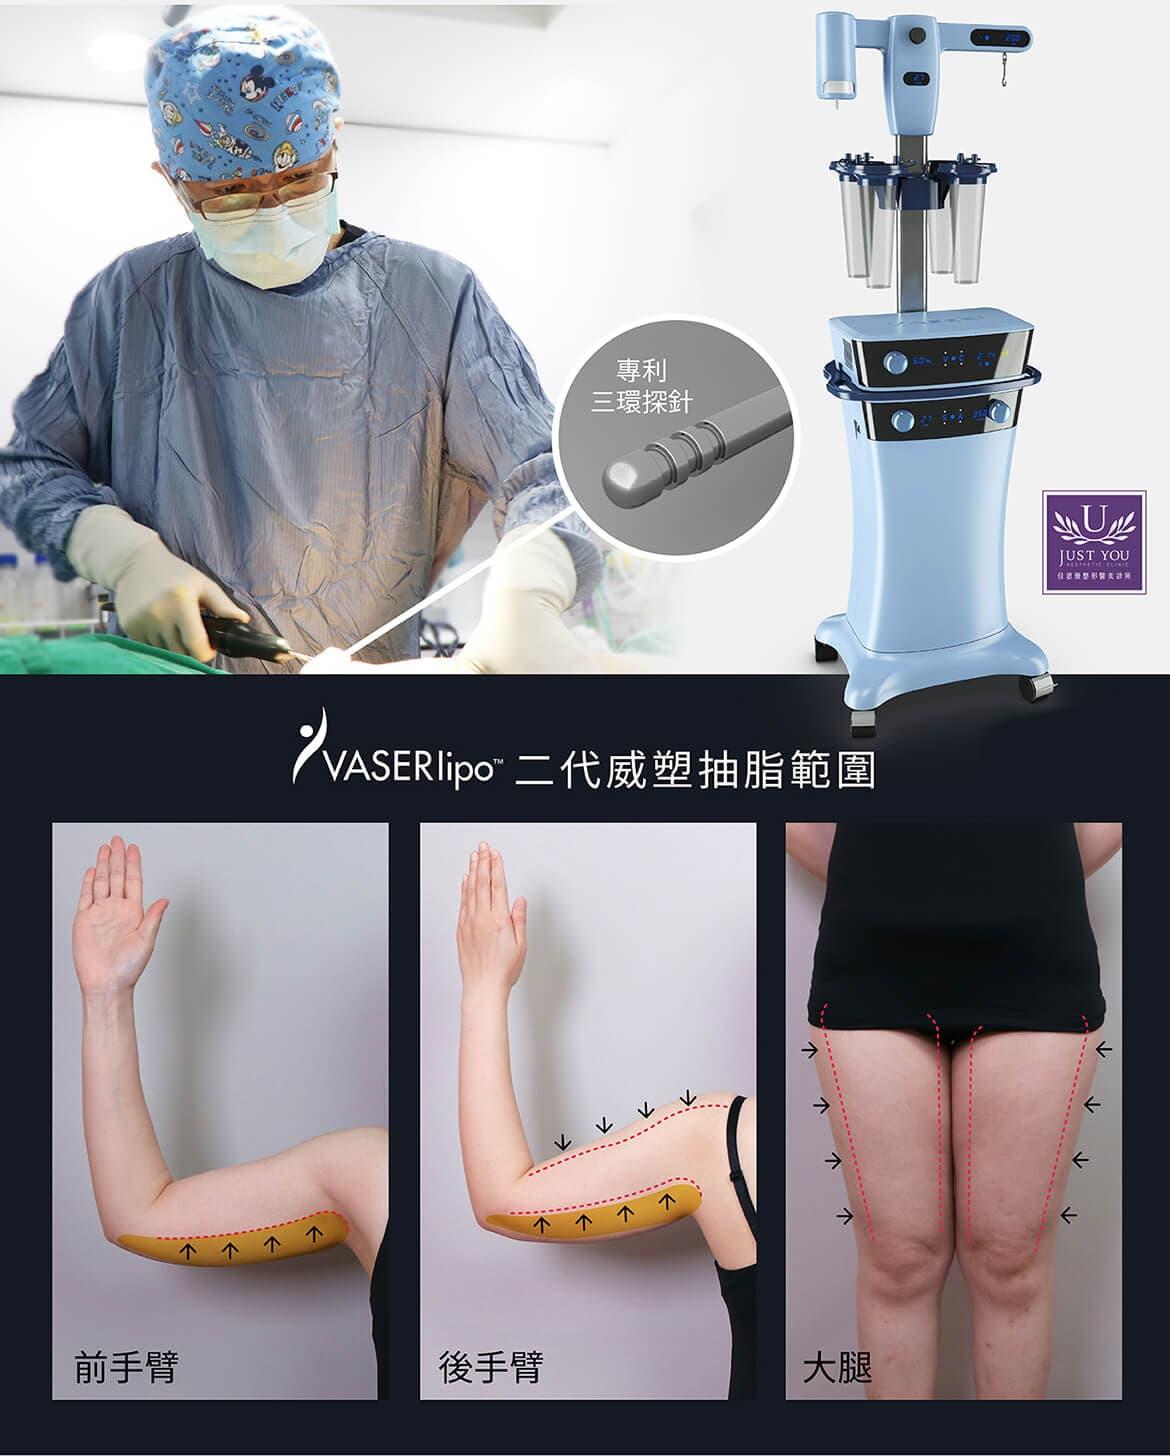 二代威塑抽脂手術,琦兒手術範圍